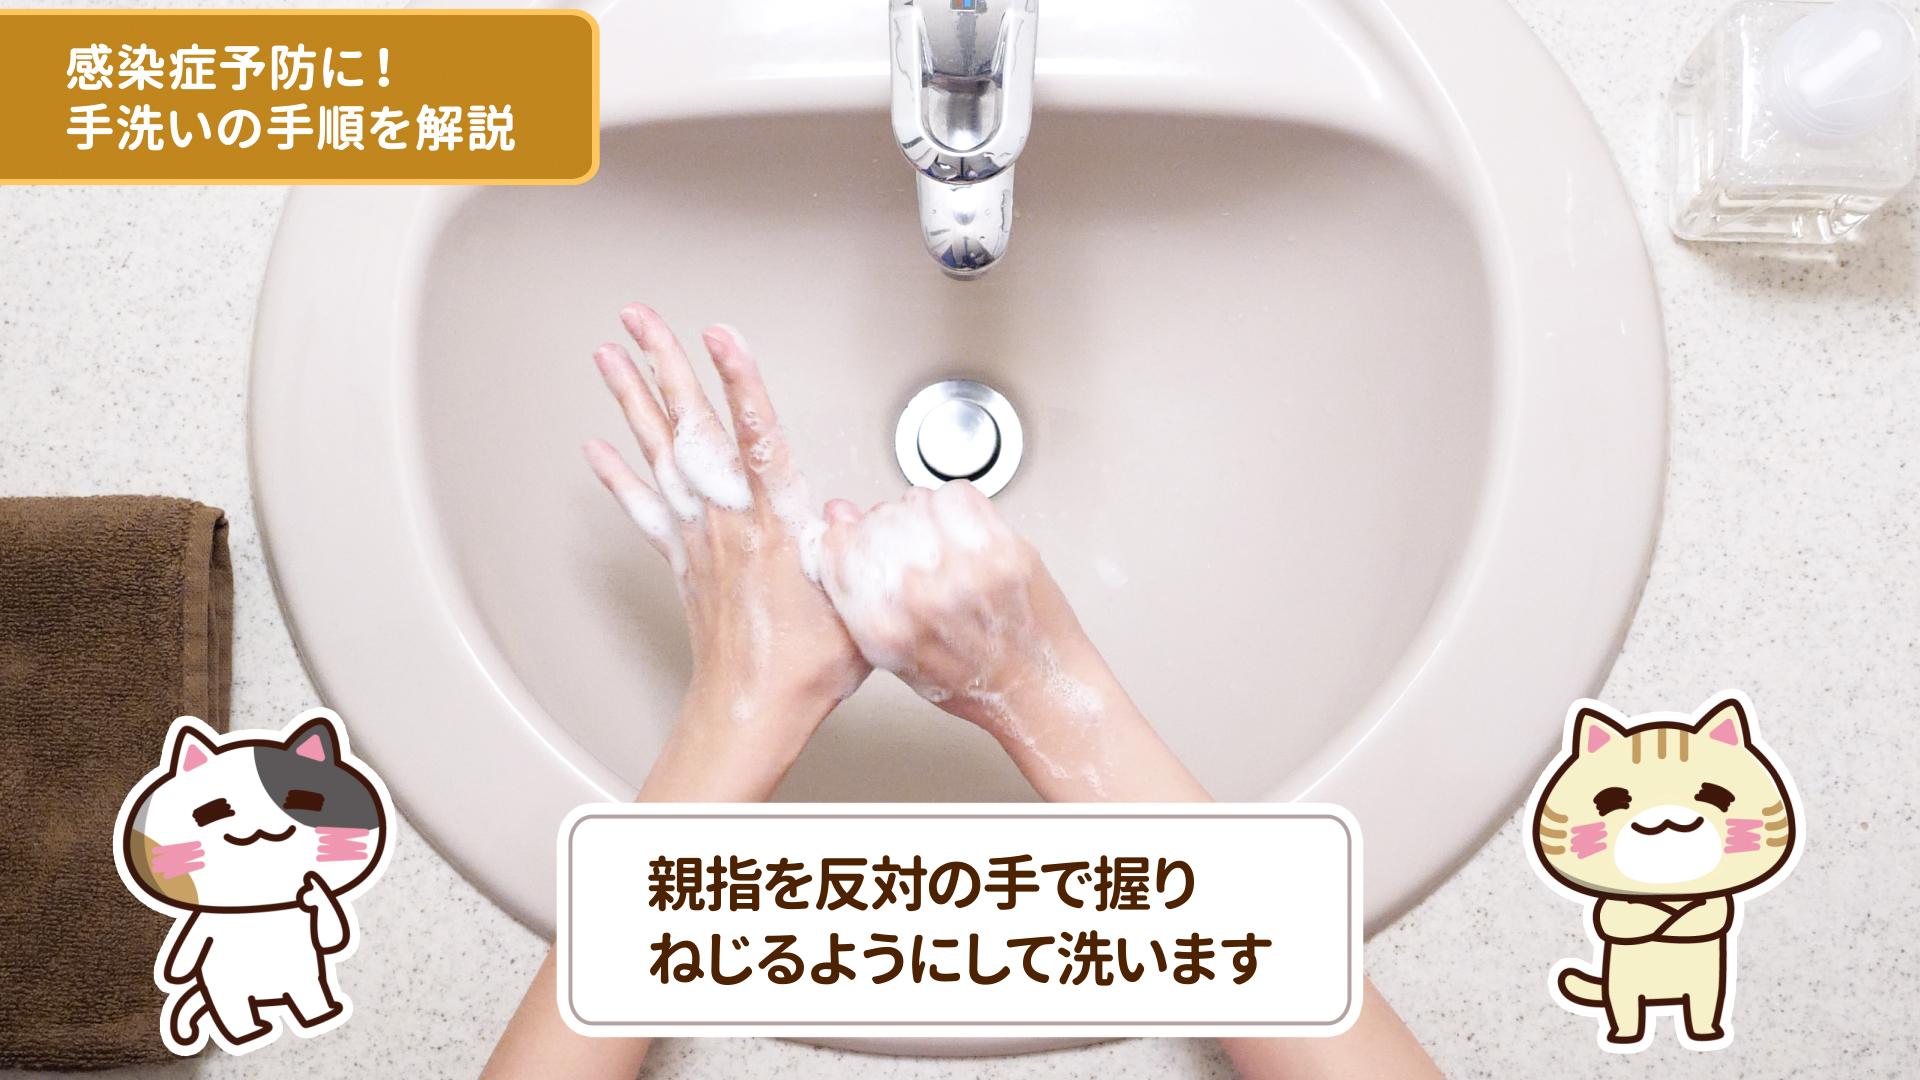 ねじり洗いのイメージ